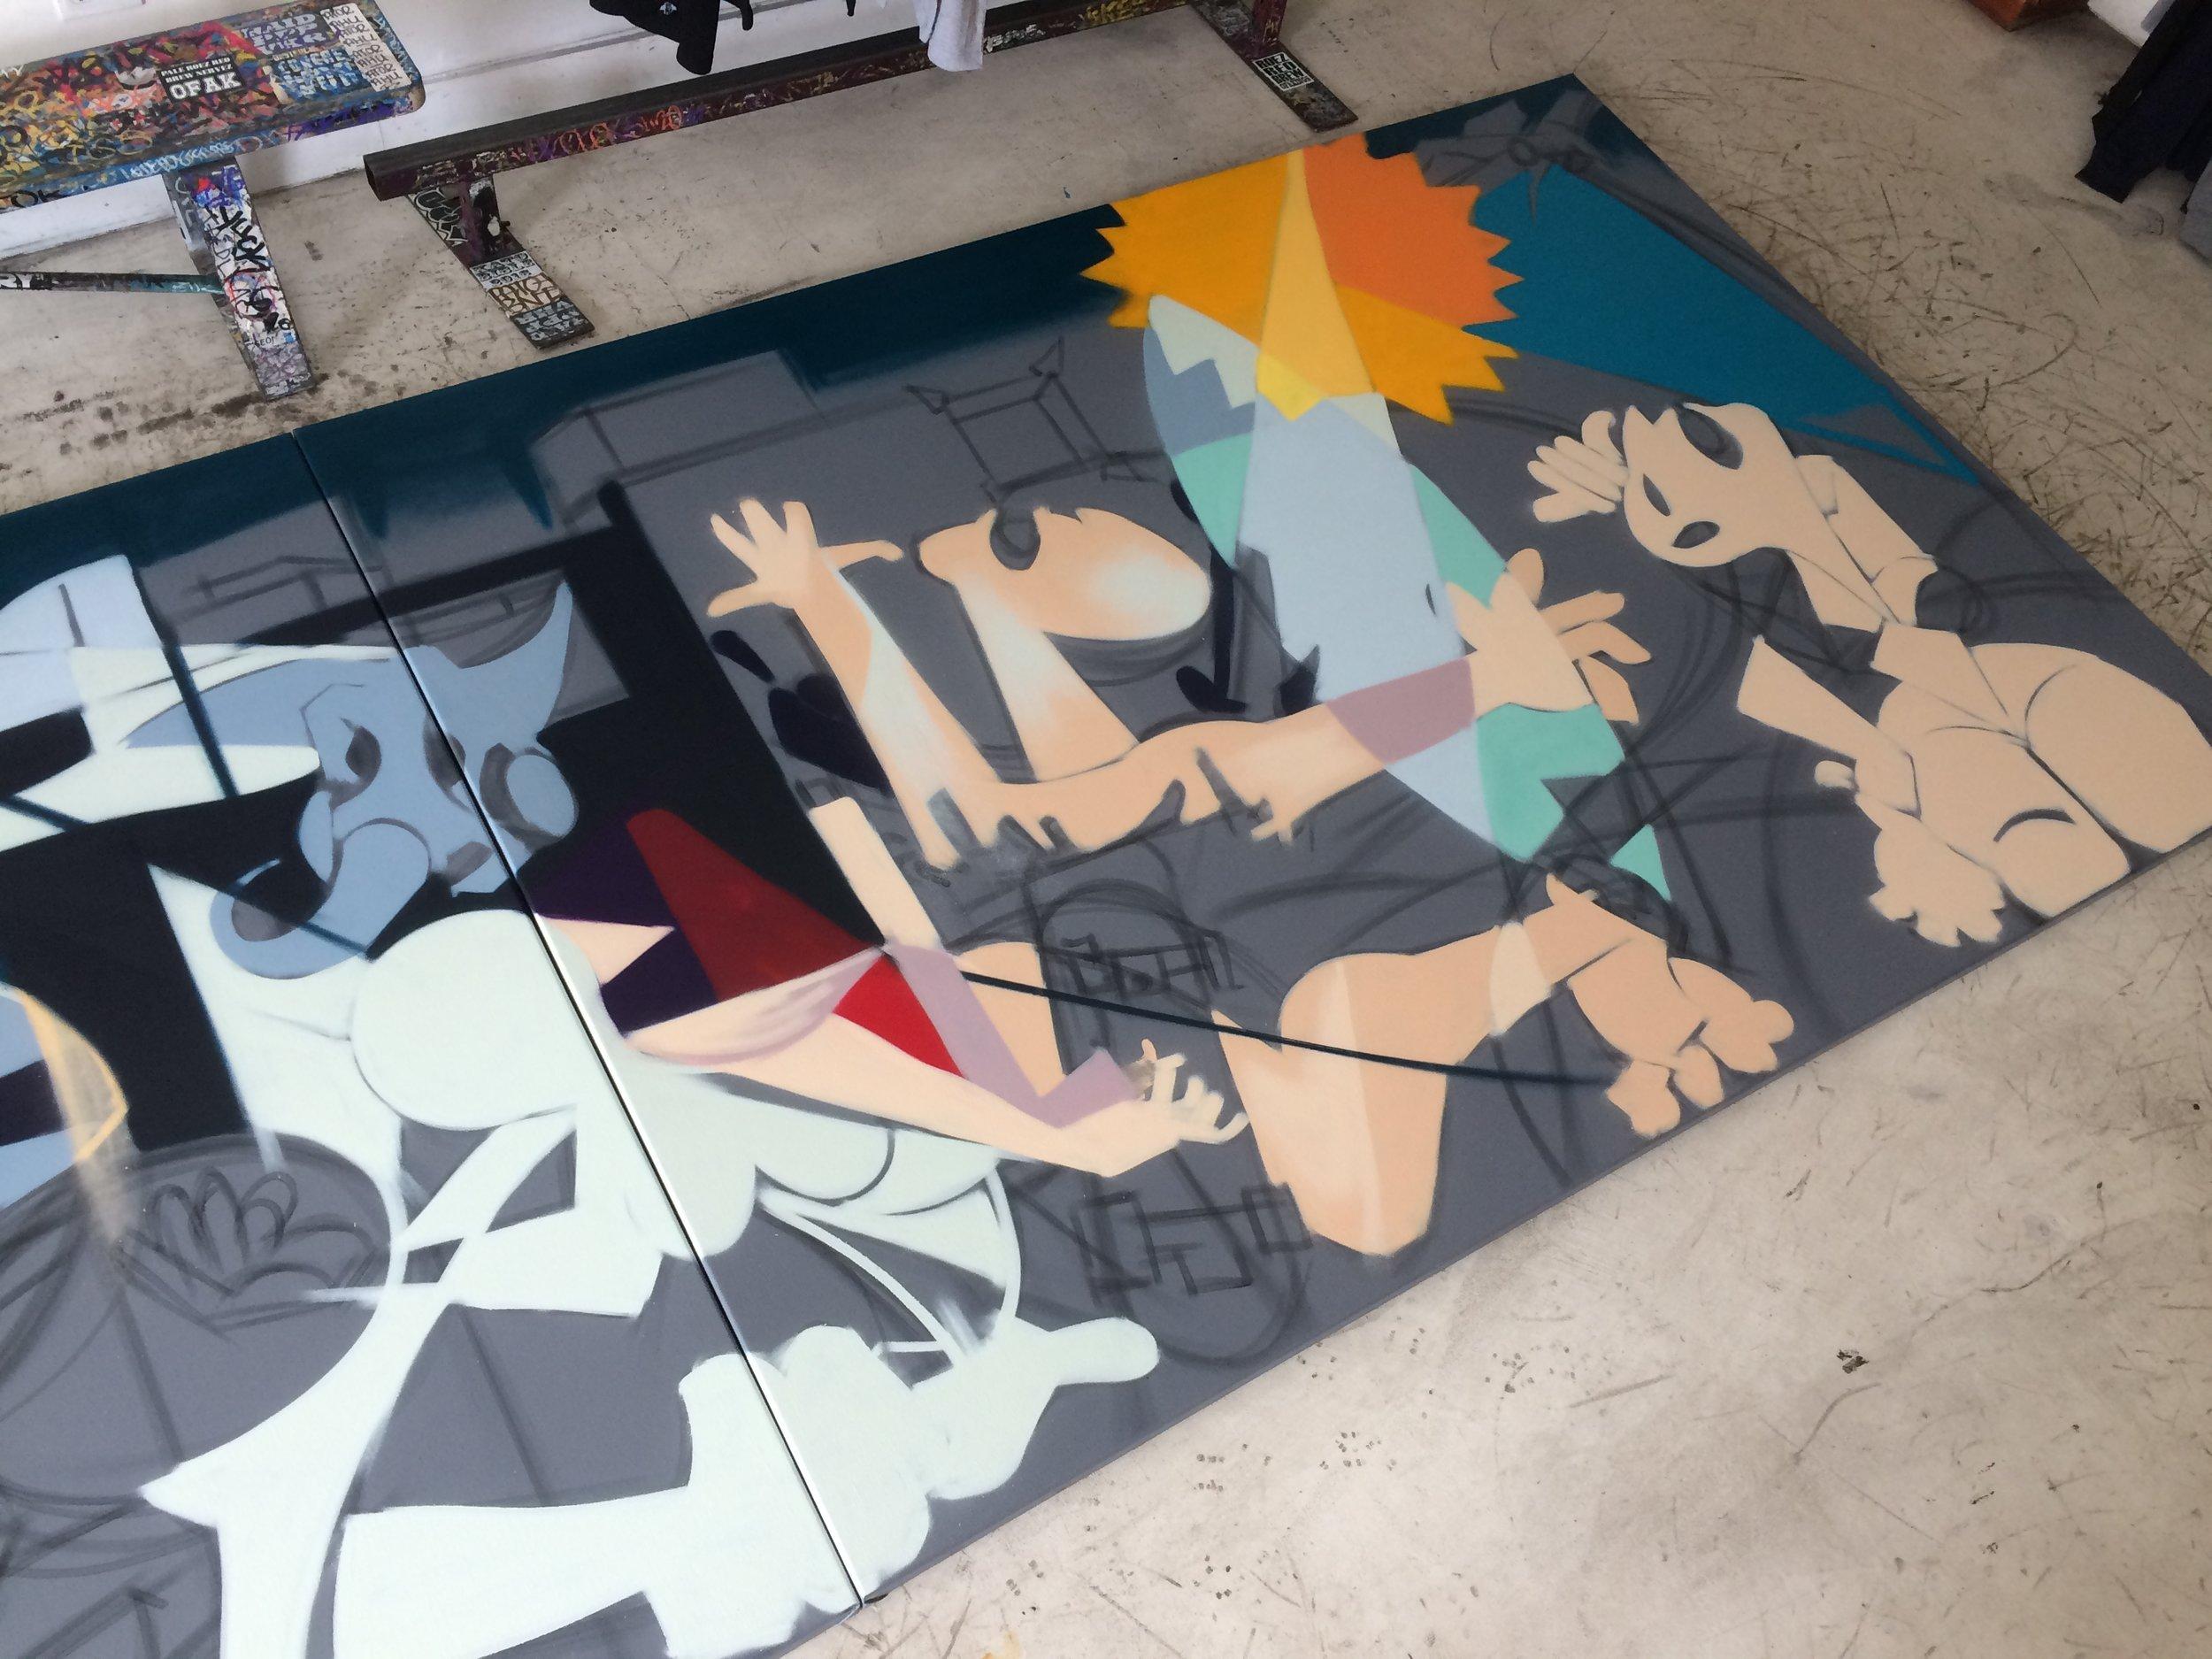 Duce paints his version of Guerni